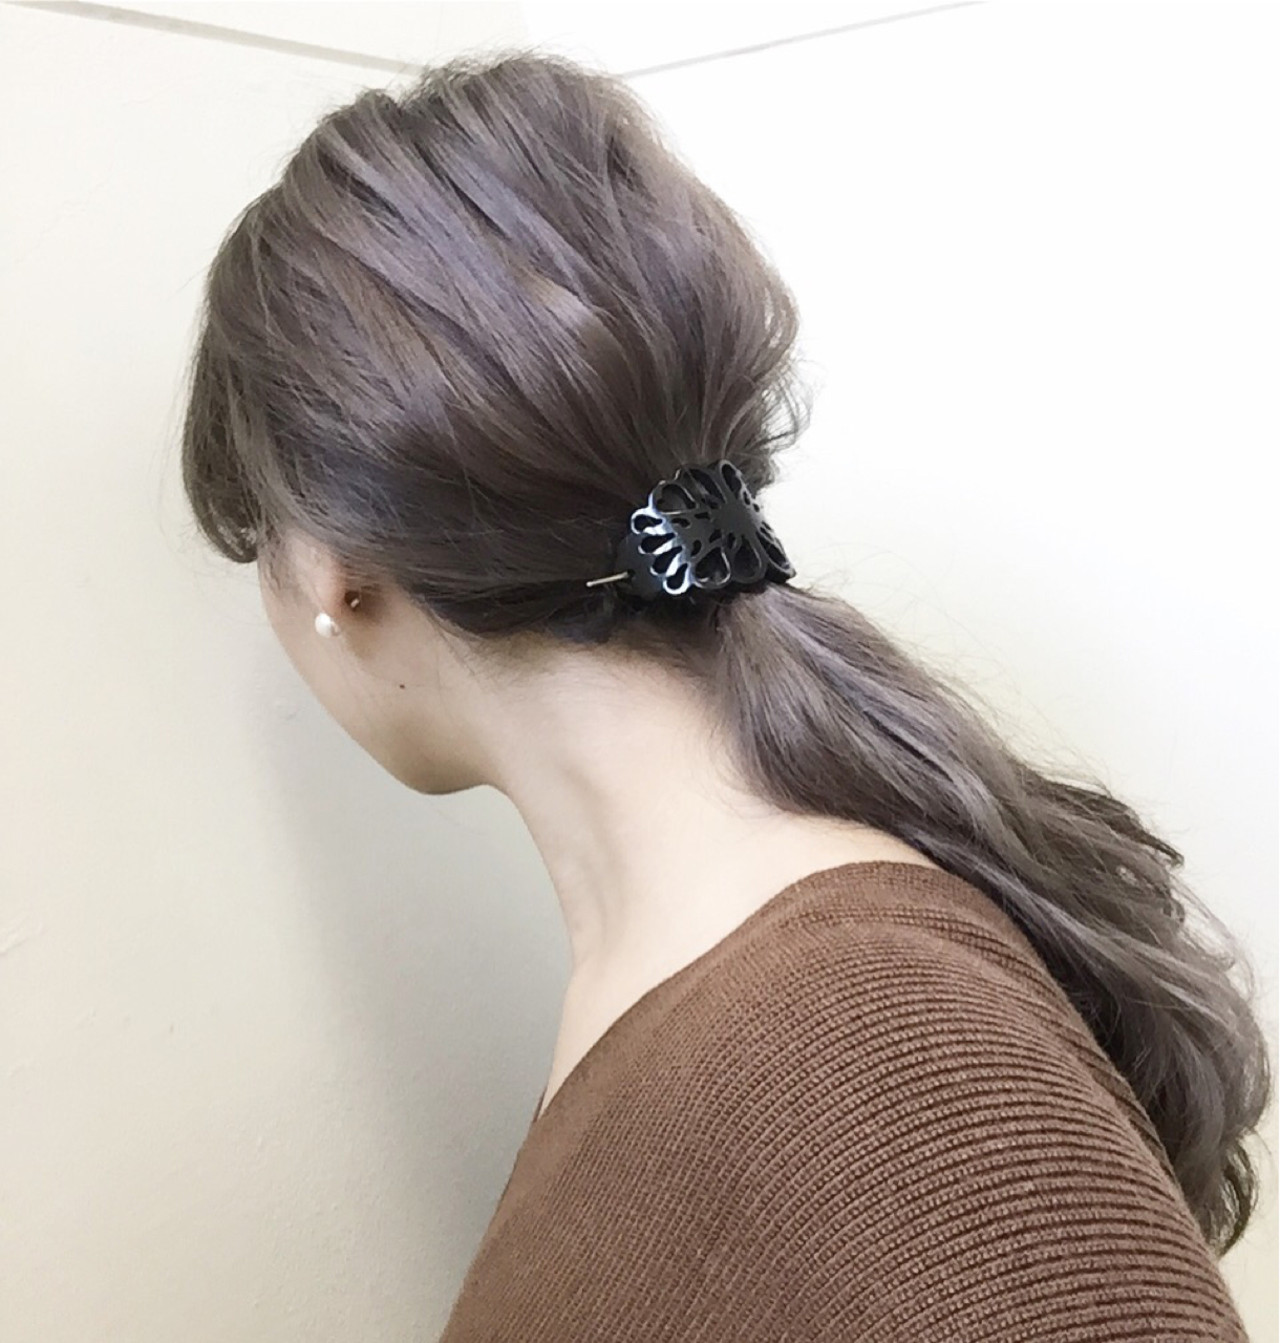 ハイライト アッシュ 大人女子 ショート ヘアスタイルや髪型の写真・画像